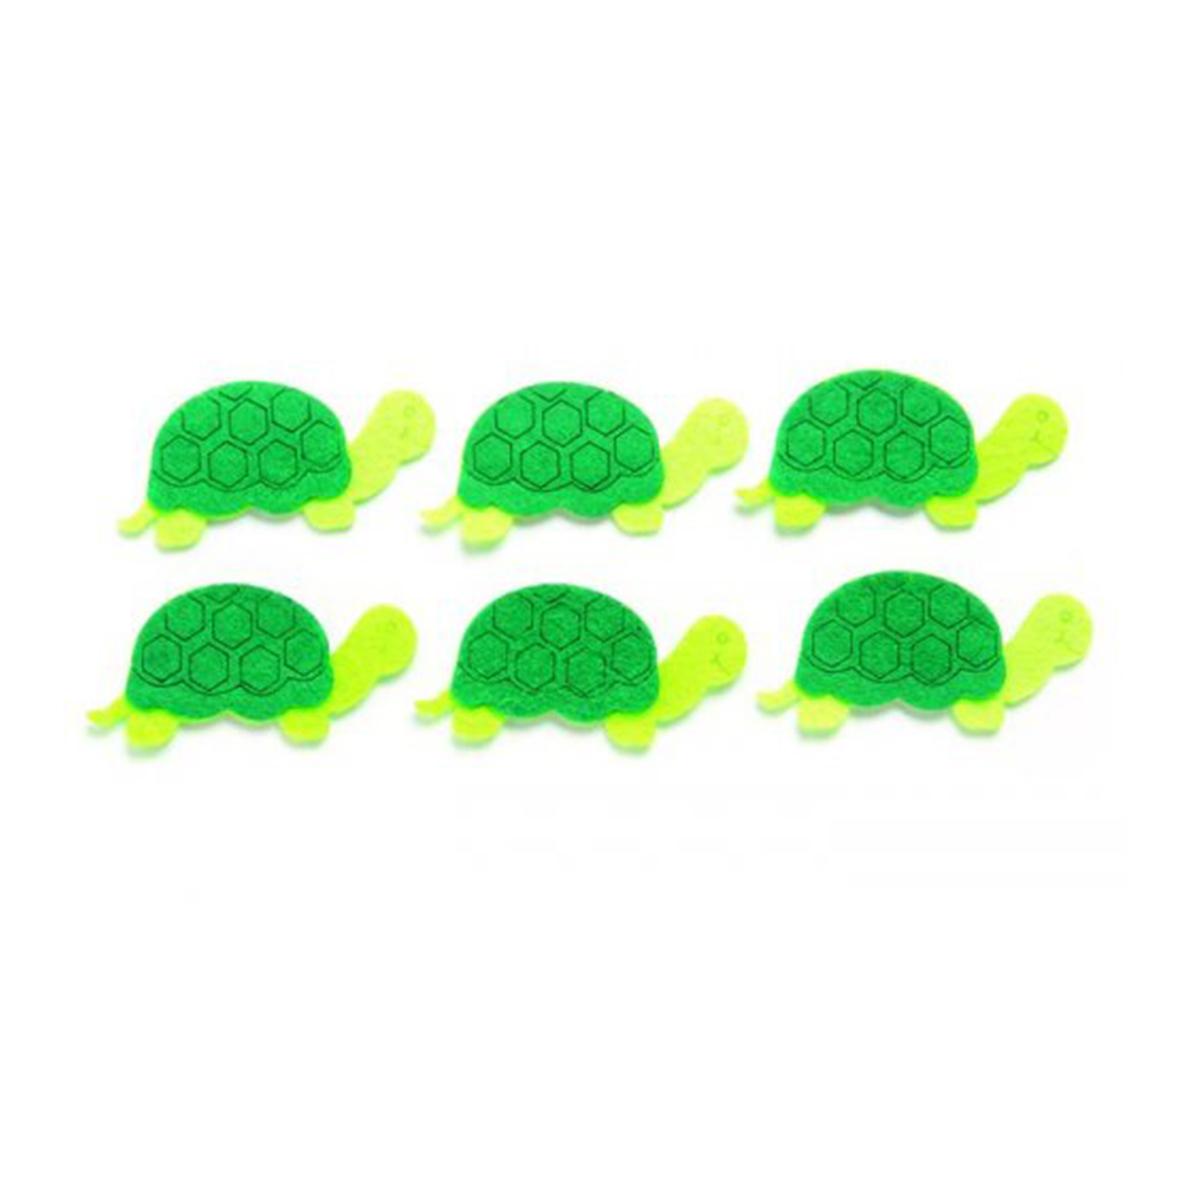 Фигурки из фетра Glorex Черепахи, цвет: зеленый, 7 см, 6 шт318694Фетр пользуется большой популярностью среди рукодельниц. Его любят за эстетичный вид, практичность и отличную текстуру. Из данного материала вашему вниманию предлагаются заготовки Glorex. Широкое разнообразие цветов и форм поможет реализовать творческие задумки и гармоничным образом дополнить ваше творение. Из фетра можно создавать обложки для книг, ежедневников, игрушки, декоративные чехлы для подушек и многое, многое другое.